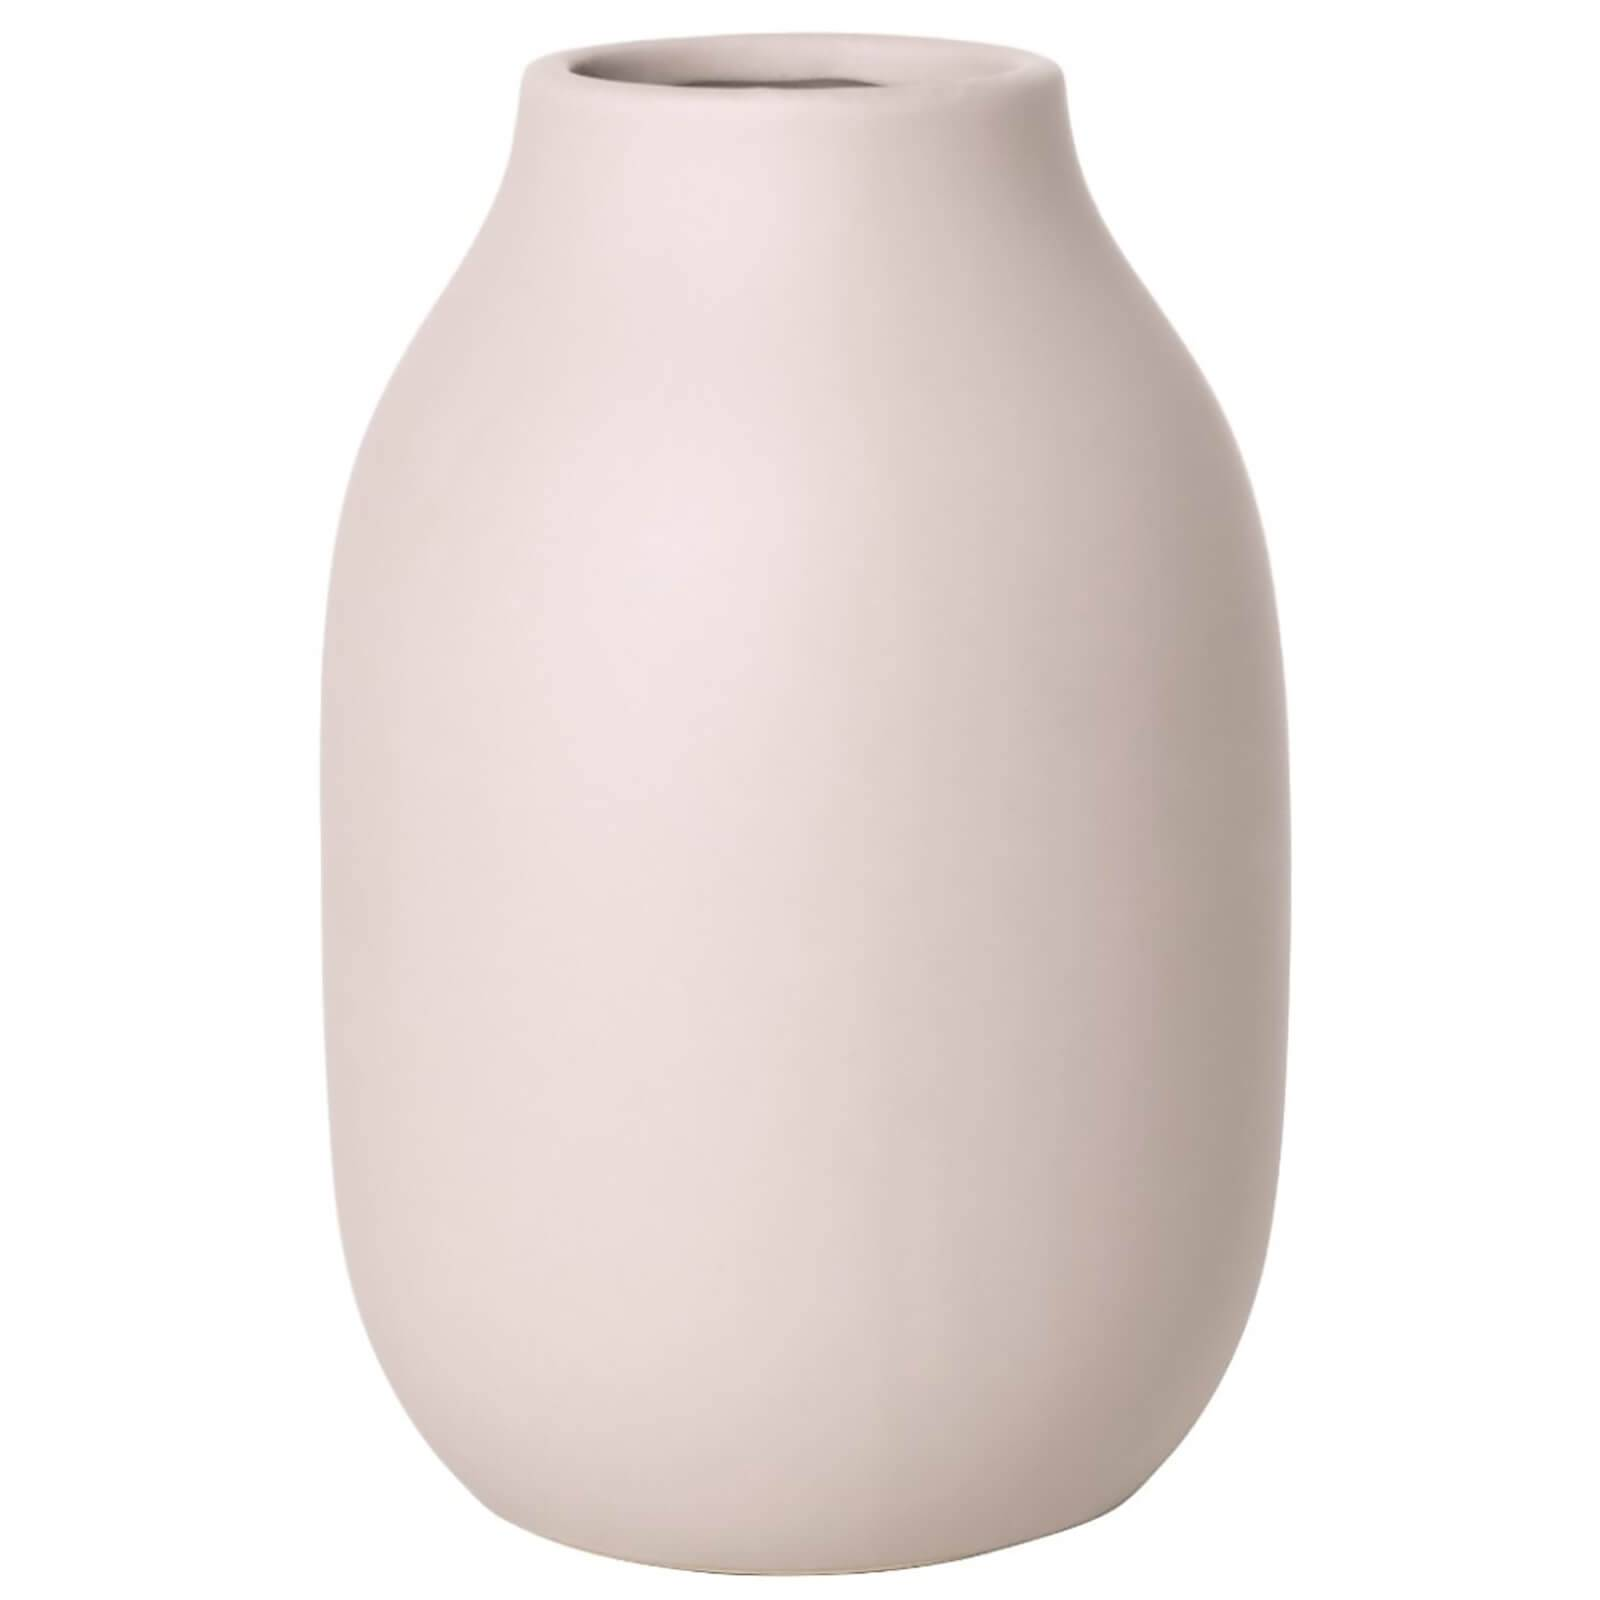 Blomus Colora Vase - Rose Dust